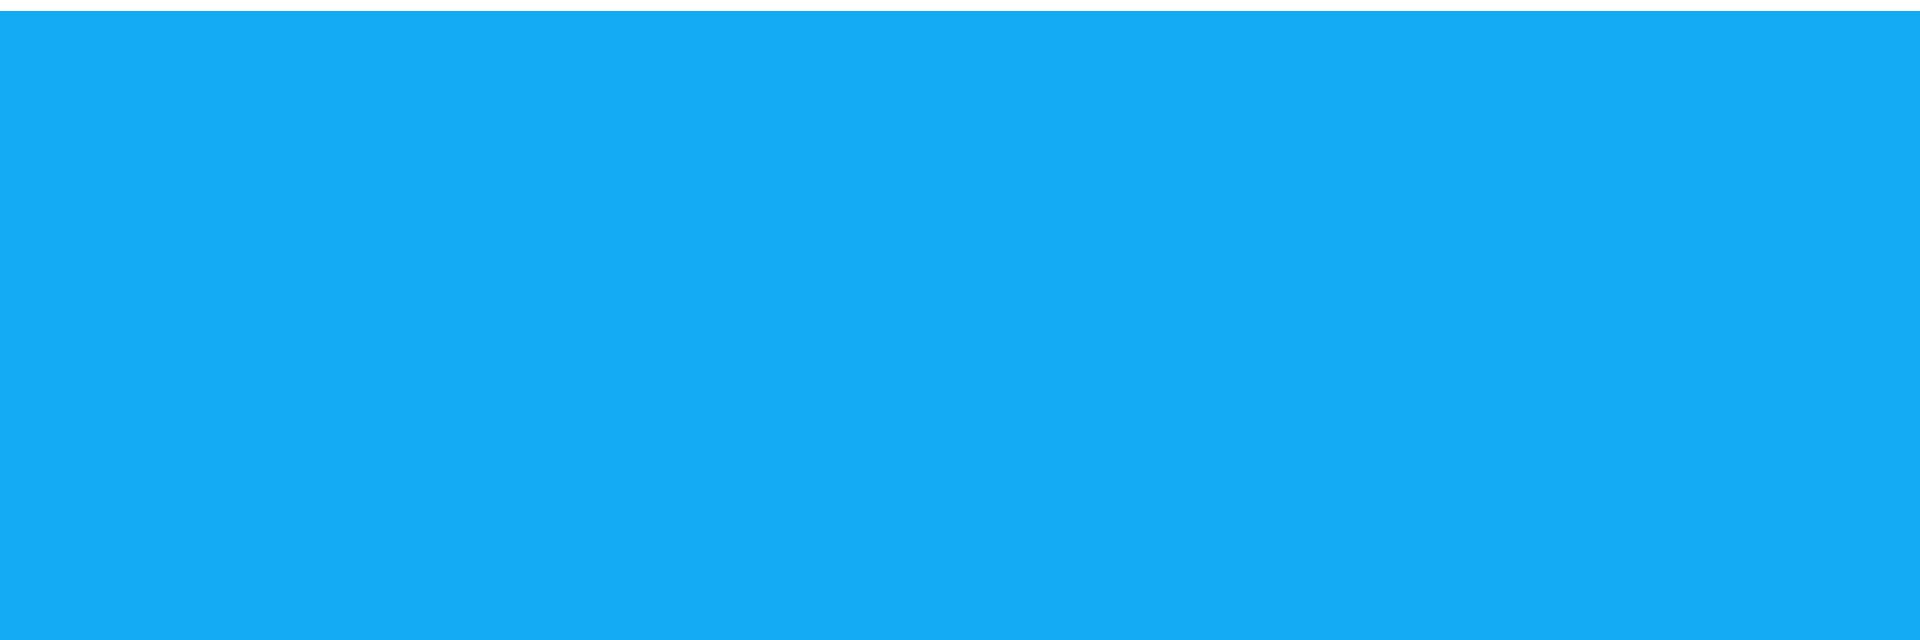 fondo de ola azul